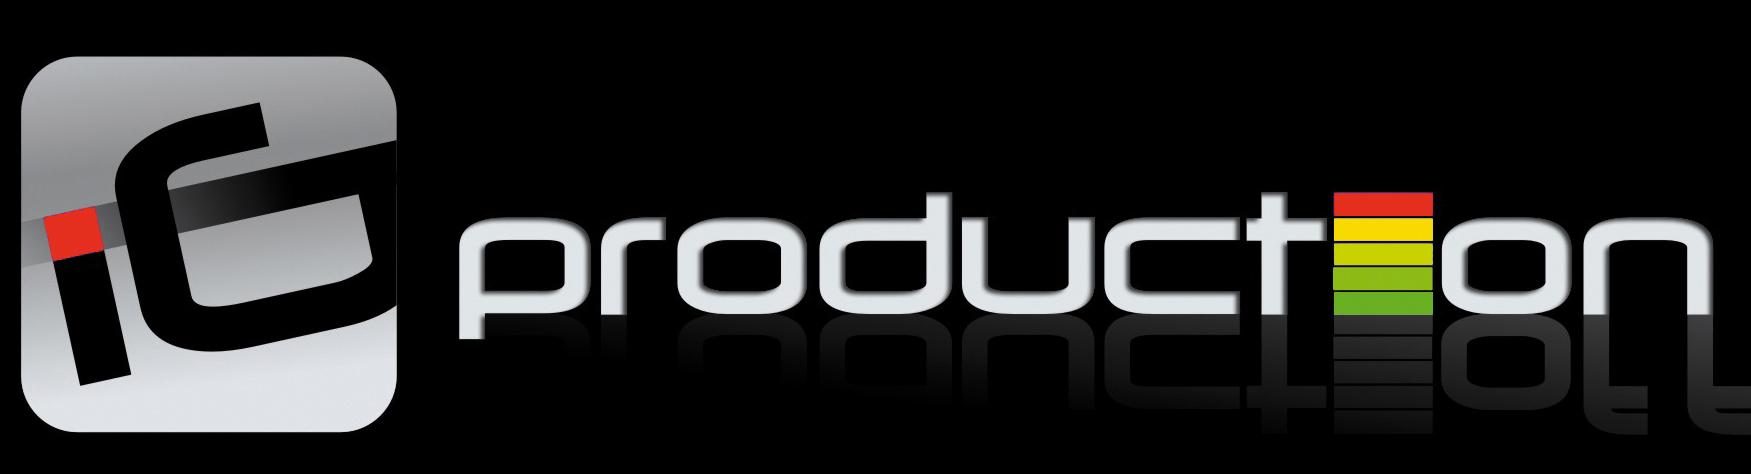 IG production - umělecká a produkční agentura